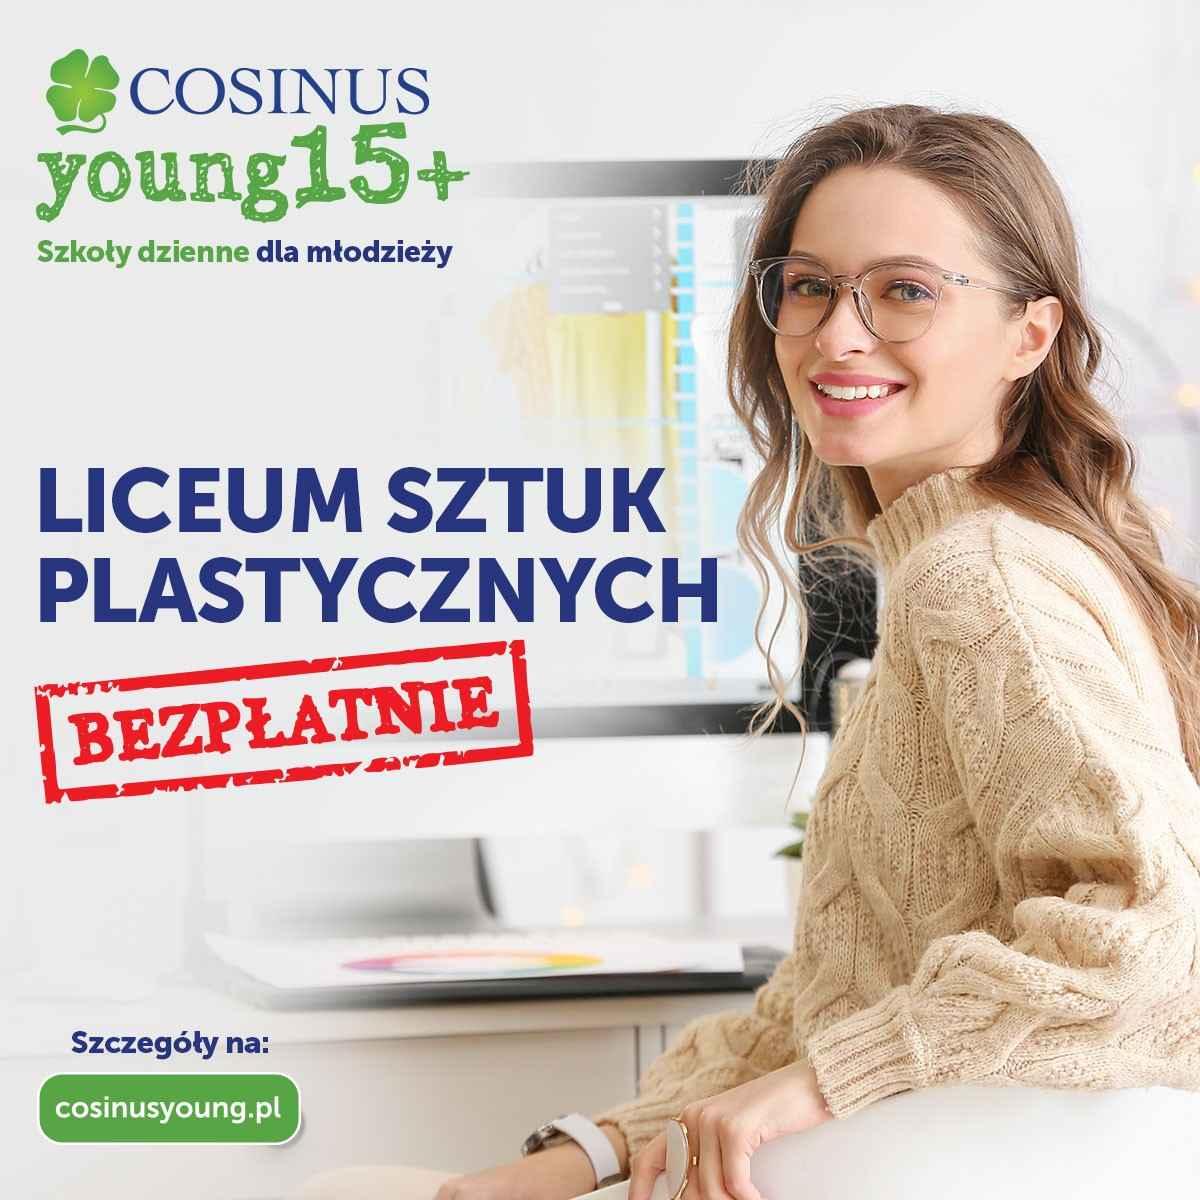 Liceum Sztuk Plastycznych CosinusYoung 15+ Mokotów - zdjęcie 1